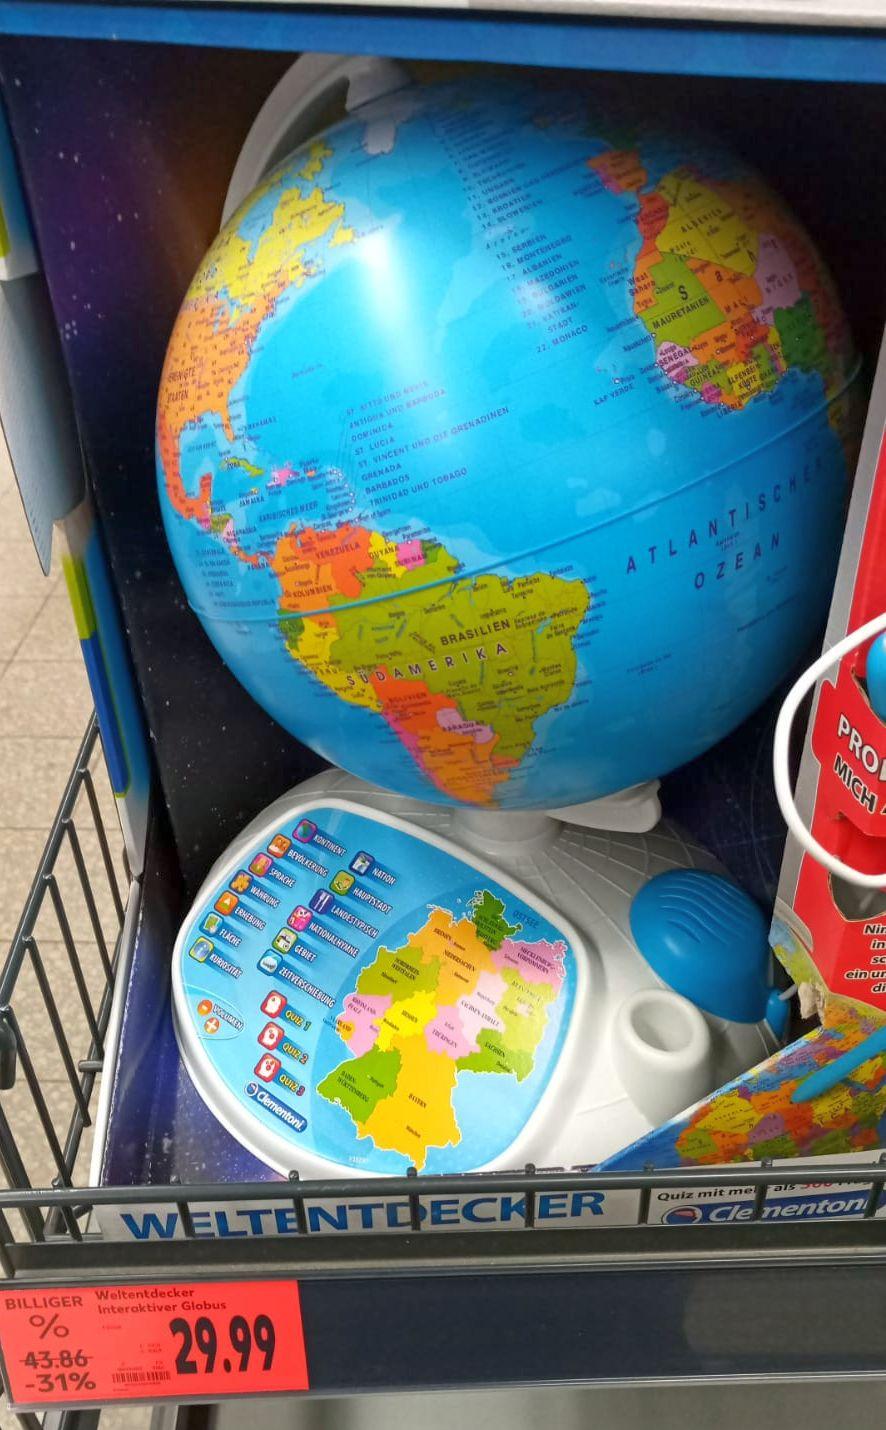 [LOKAL] Kaufland SÖM: Clementoni Weltentdecker Der Interaktive Globus